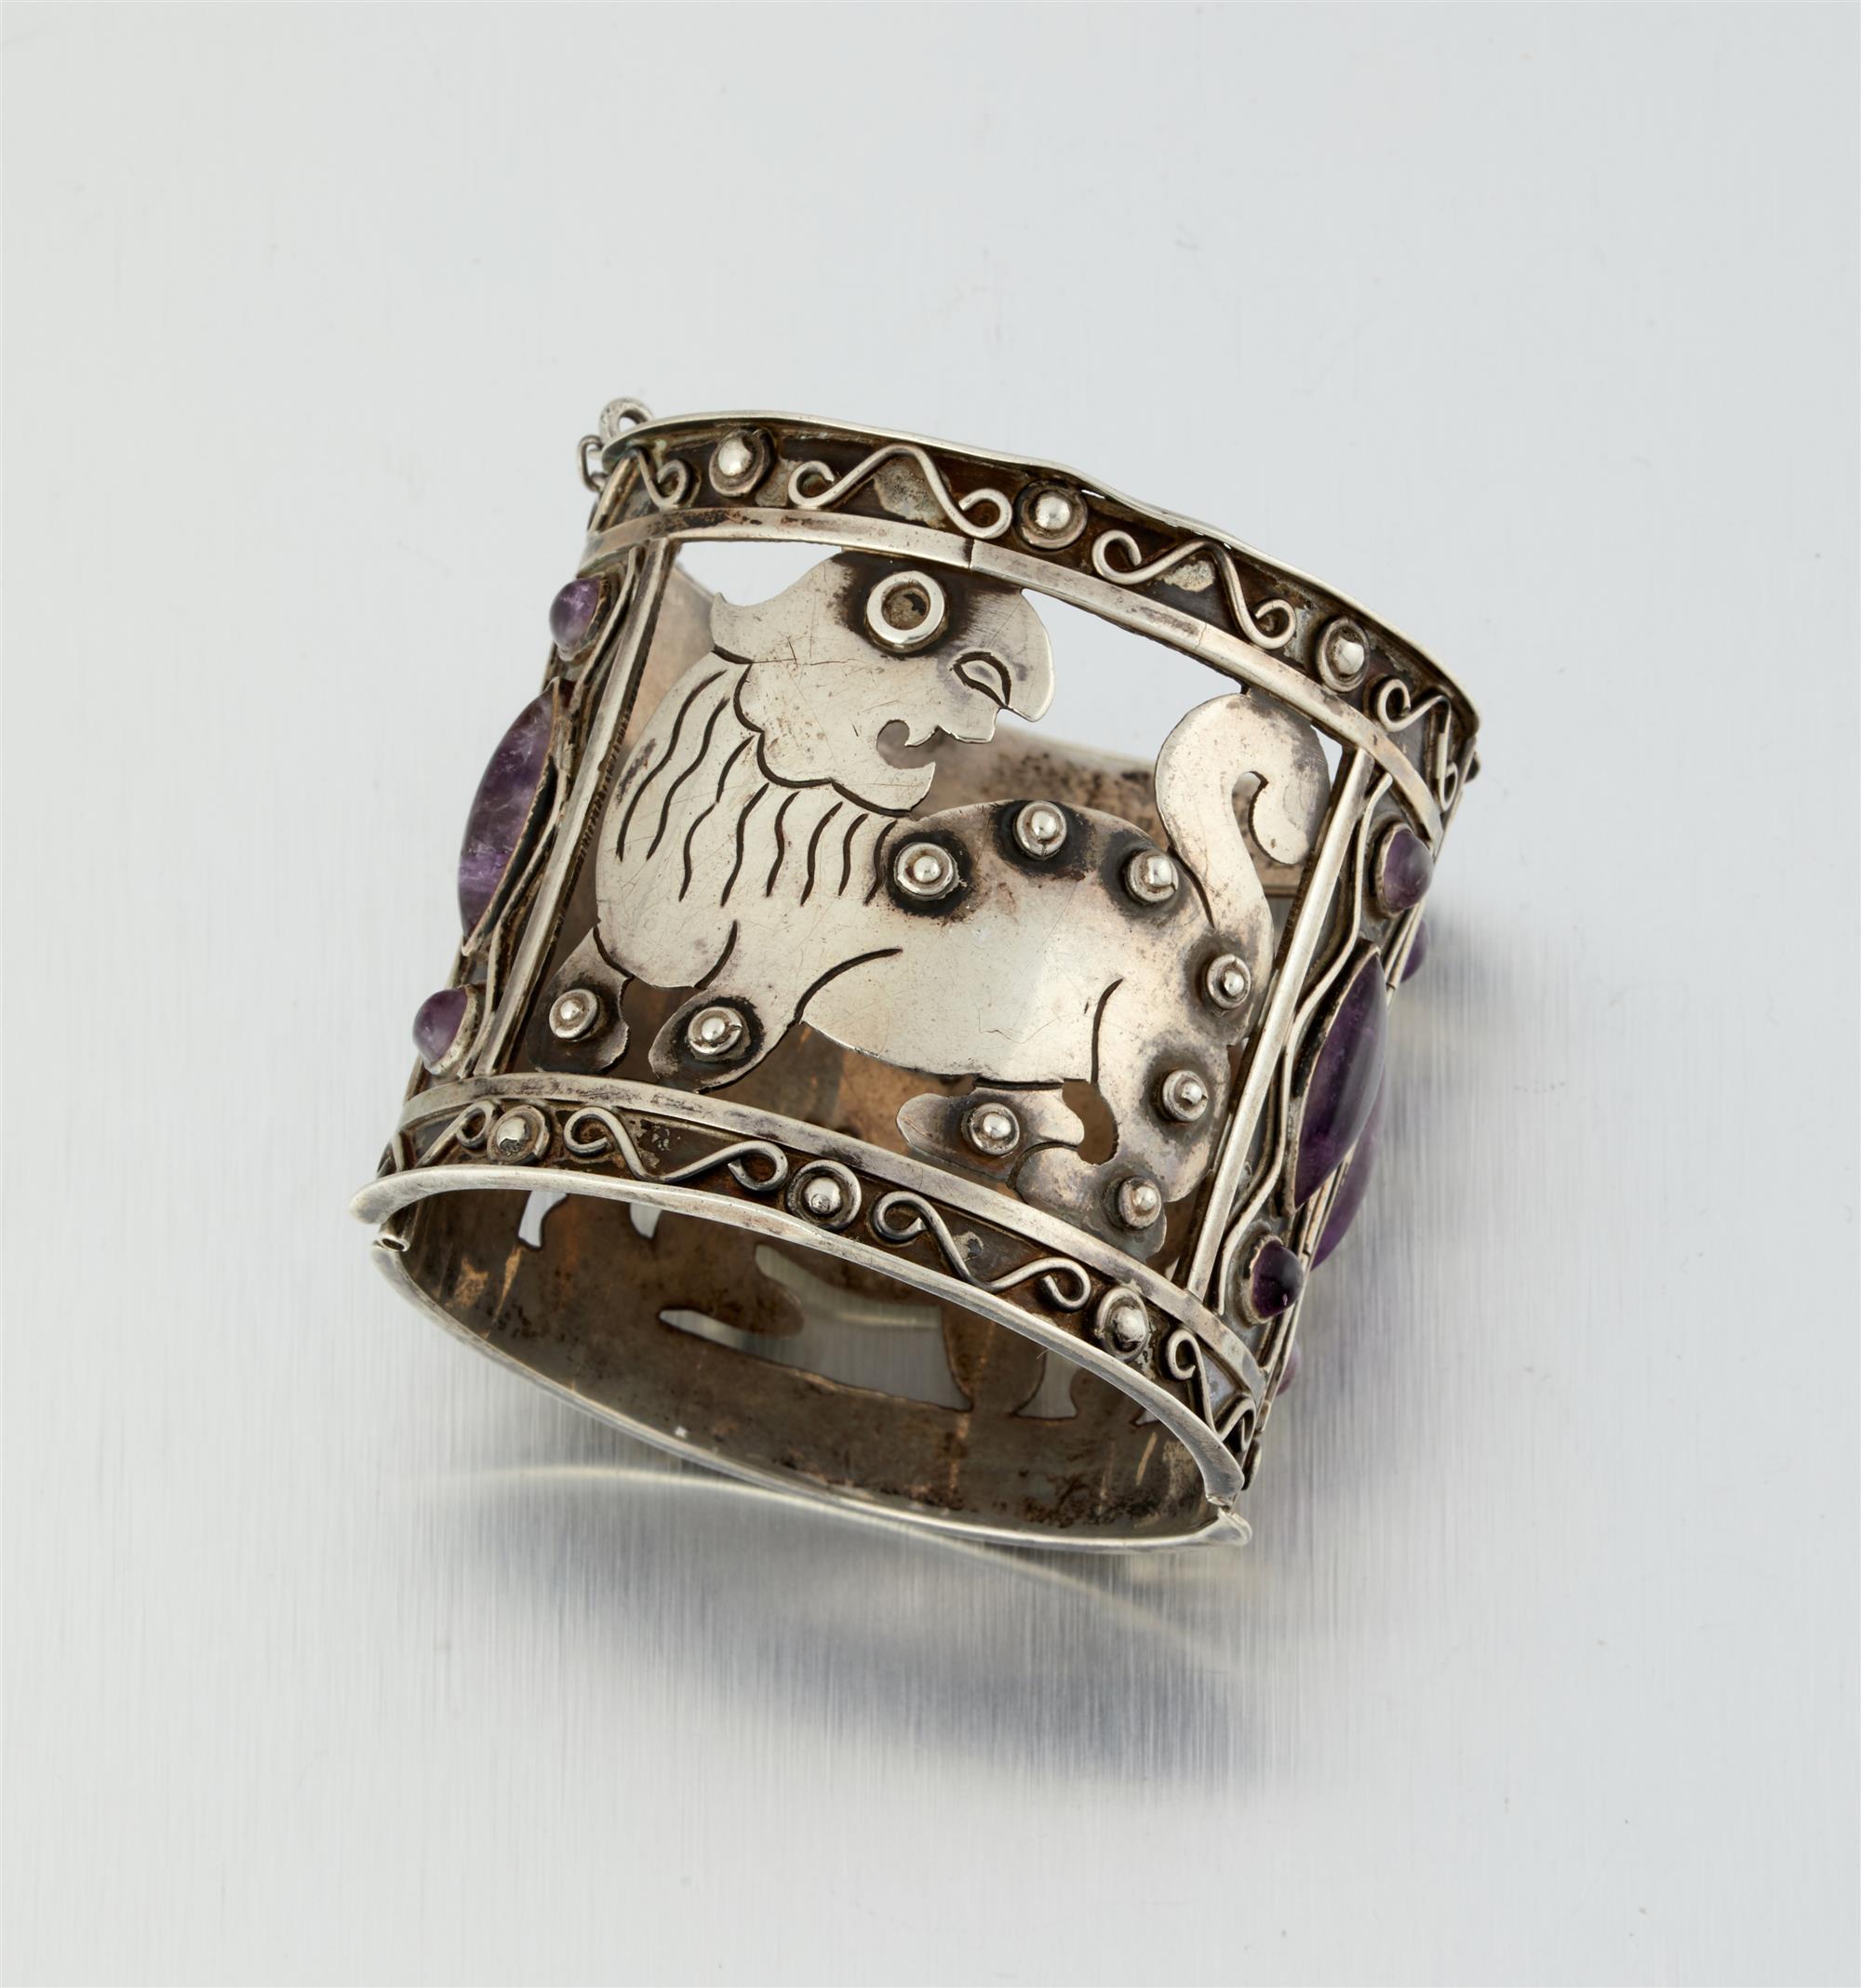 An Abraham Paz cuff bracelet